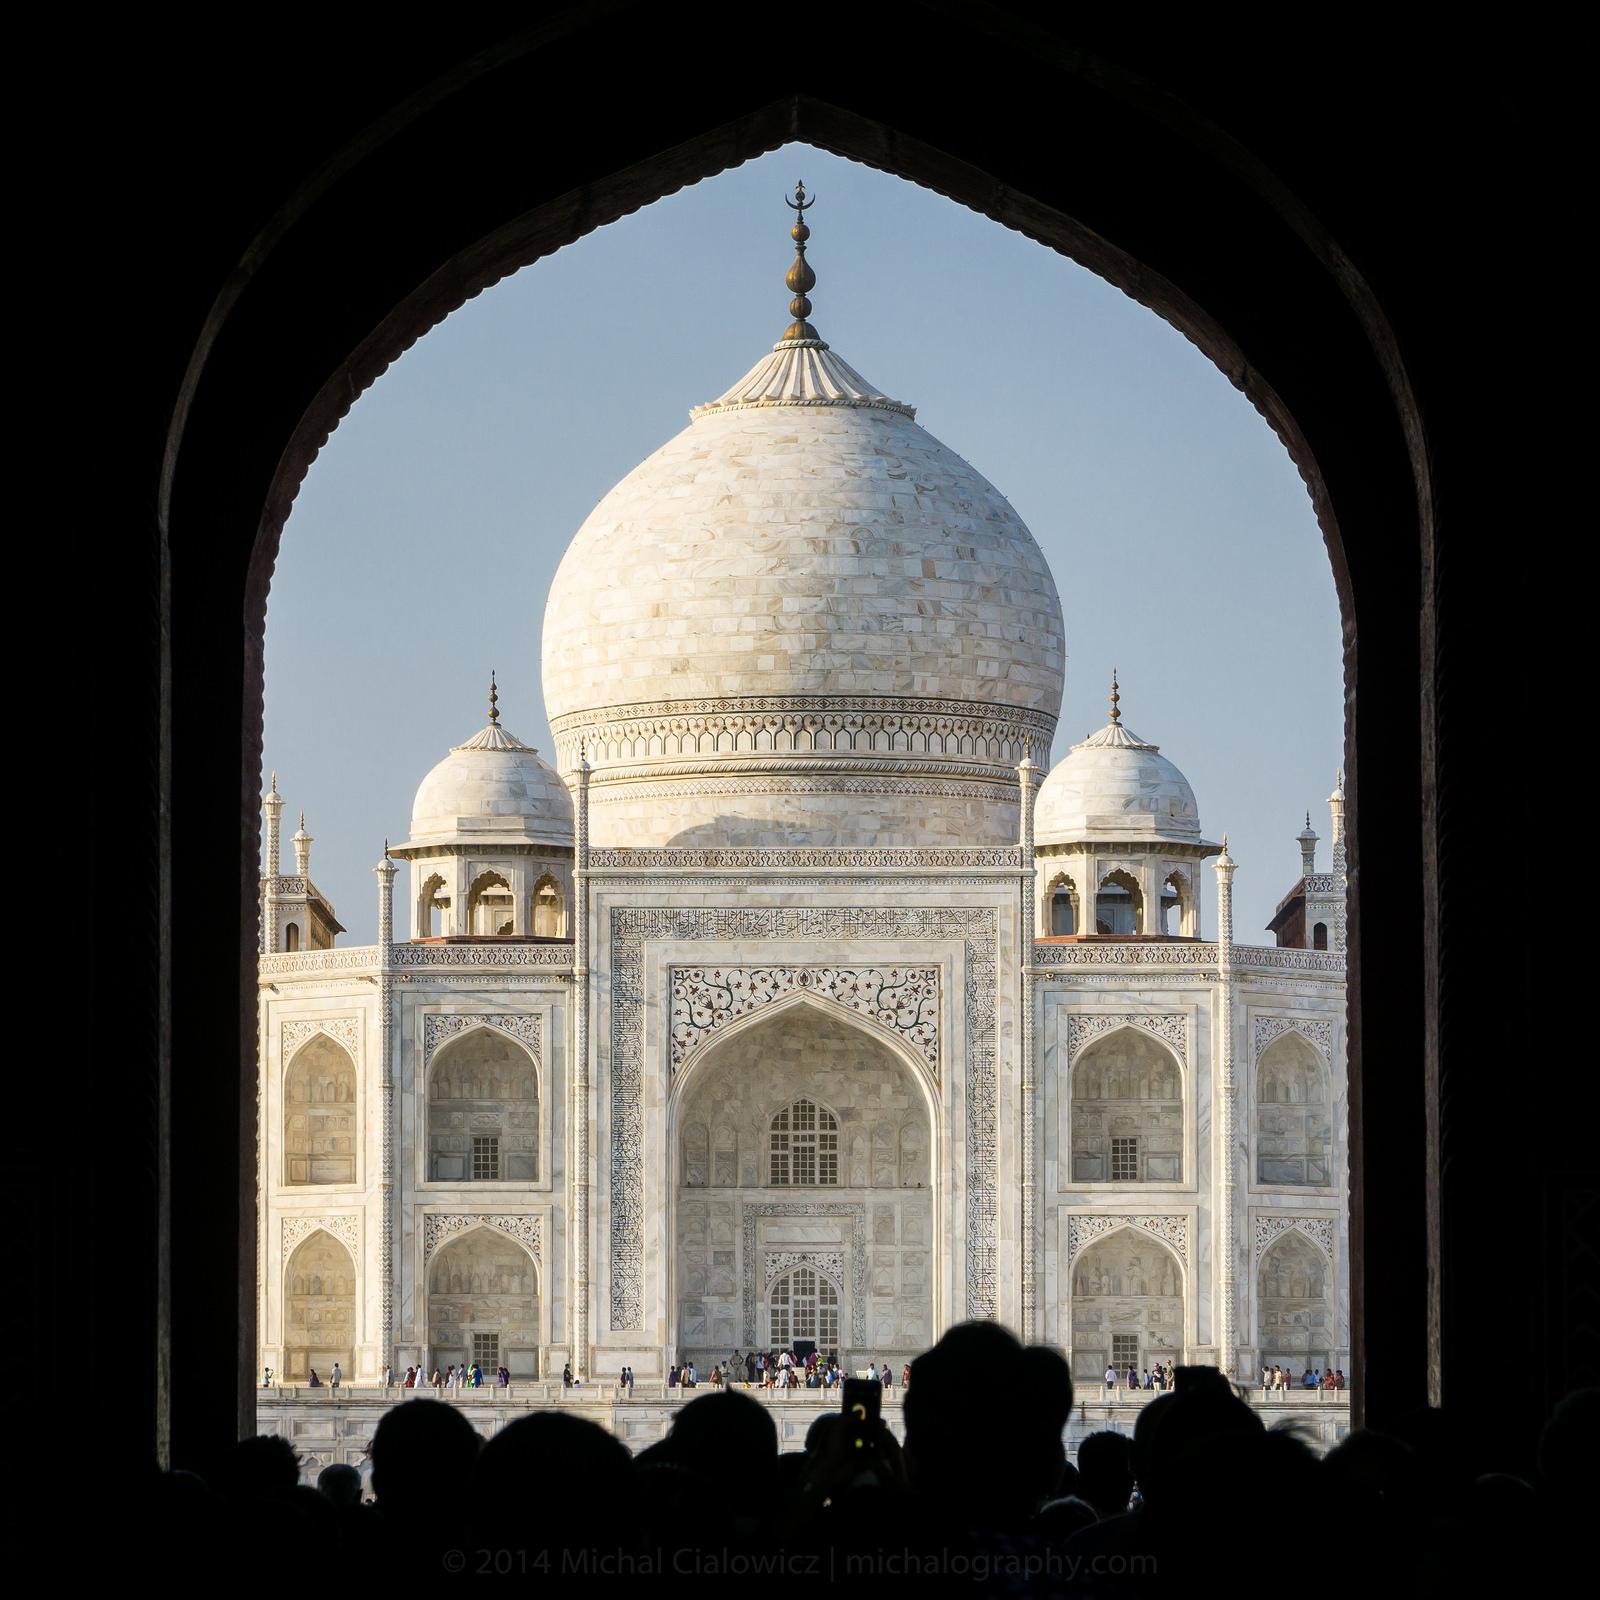 The Taj Mahal, India (Sony A6000 + 16-70mm f/4 OSS)